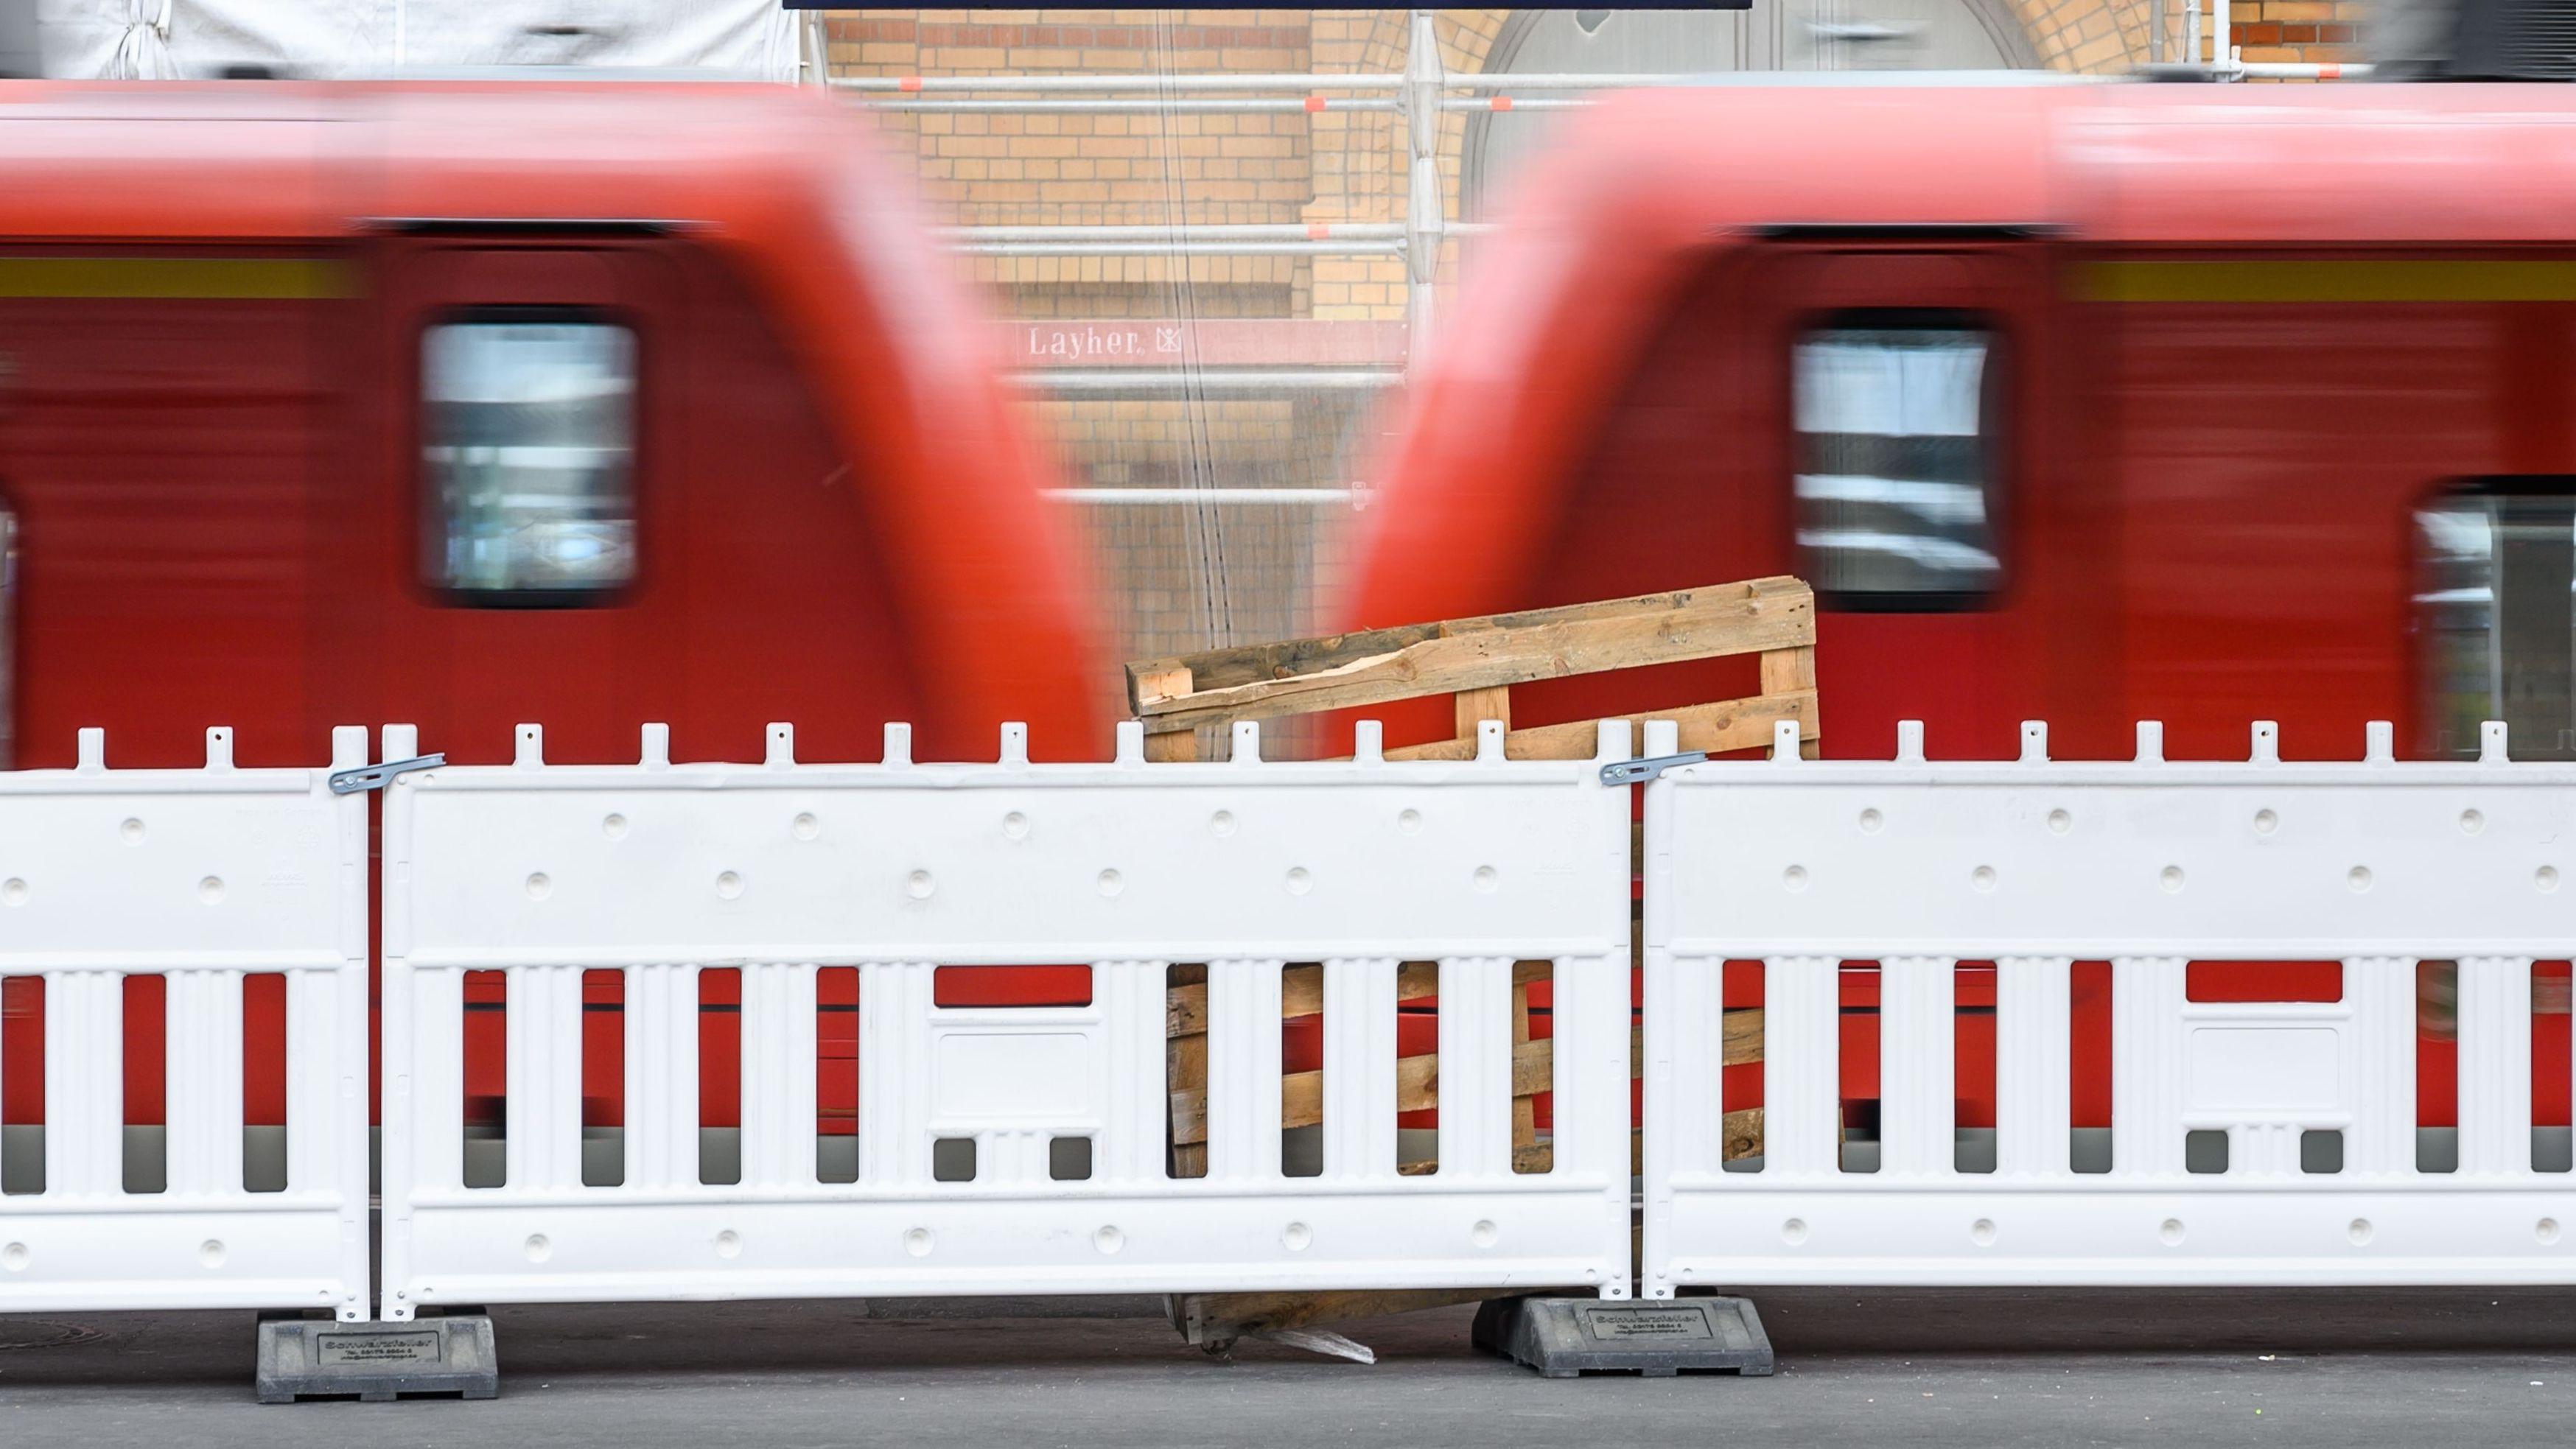 Ein Zug der Deutschen Bahn fährt vor Bauabsperrungen in einen Bahnhof ein